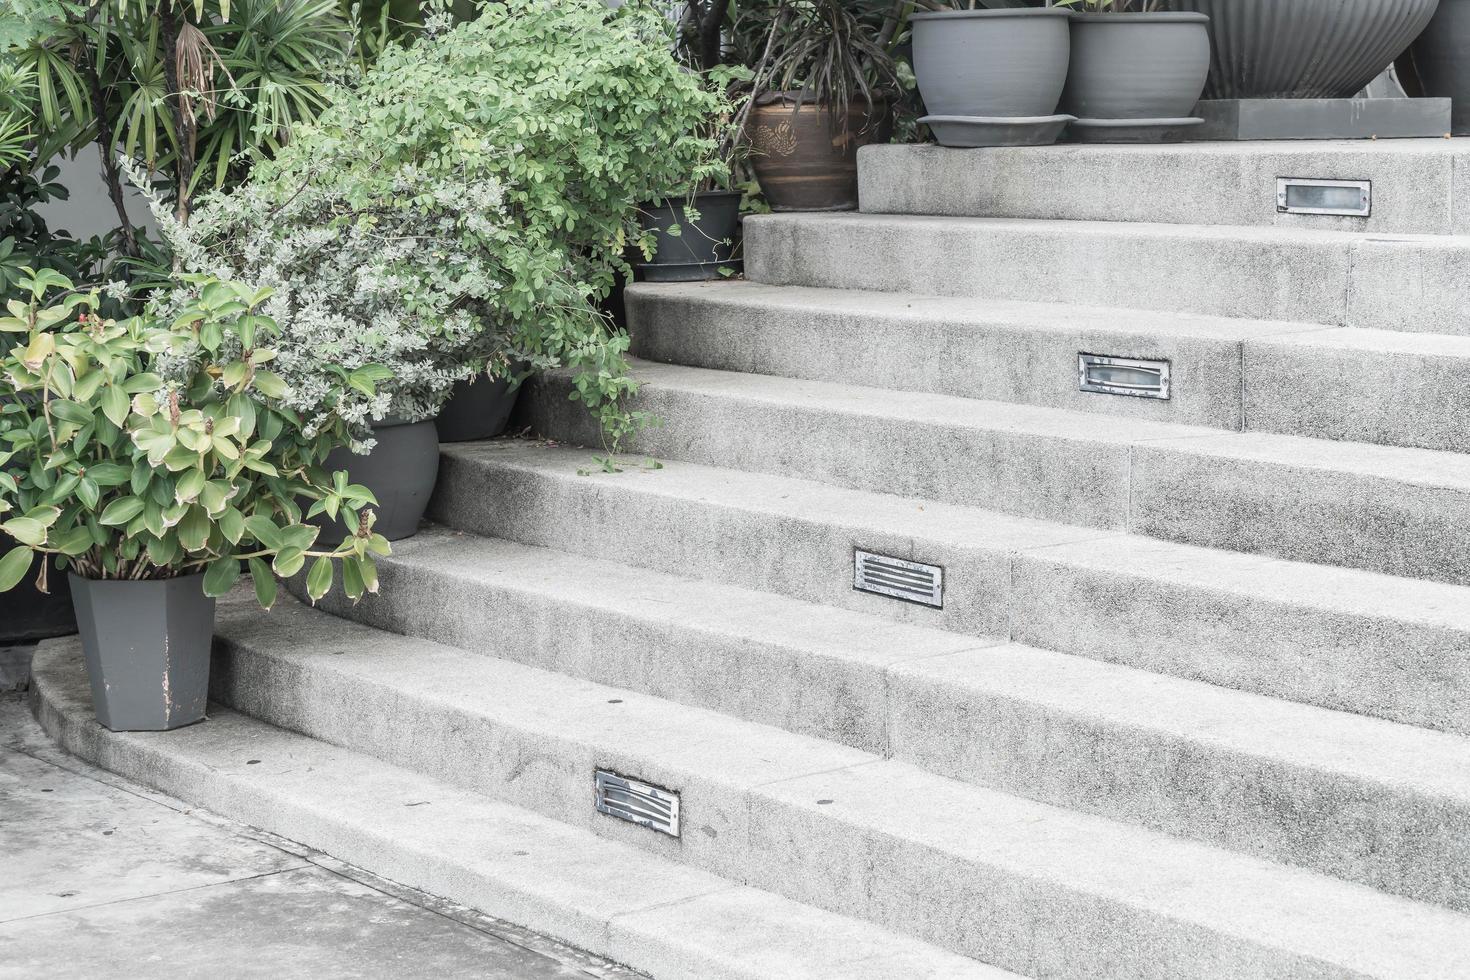 escalera de piedra vacía foto